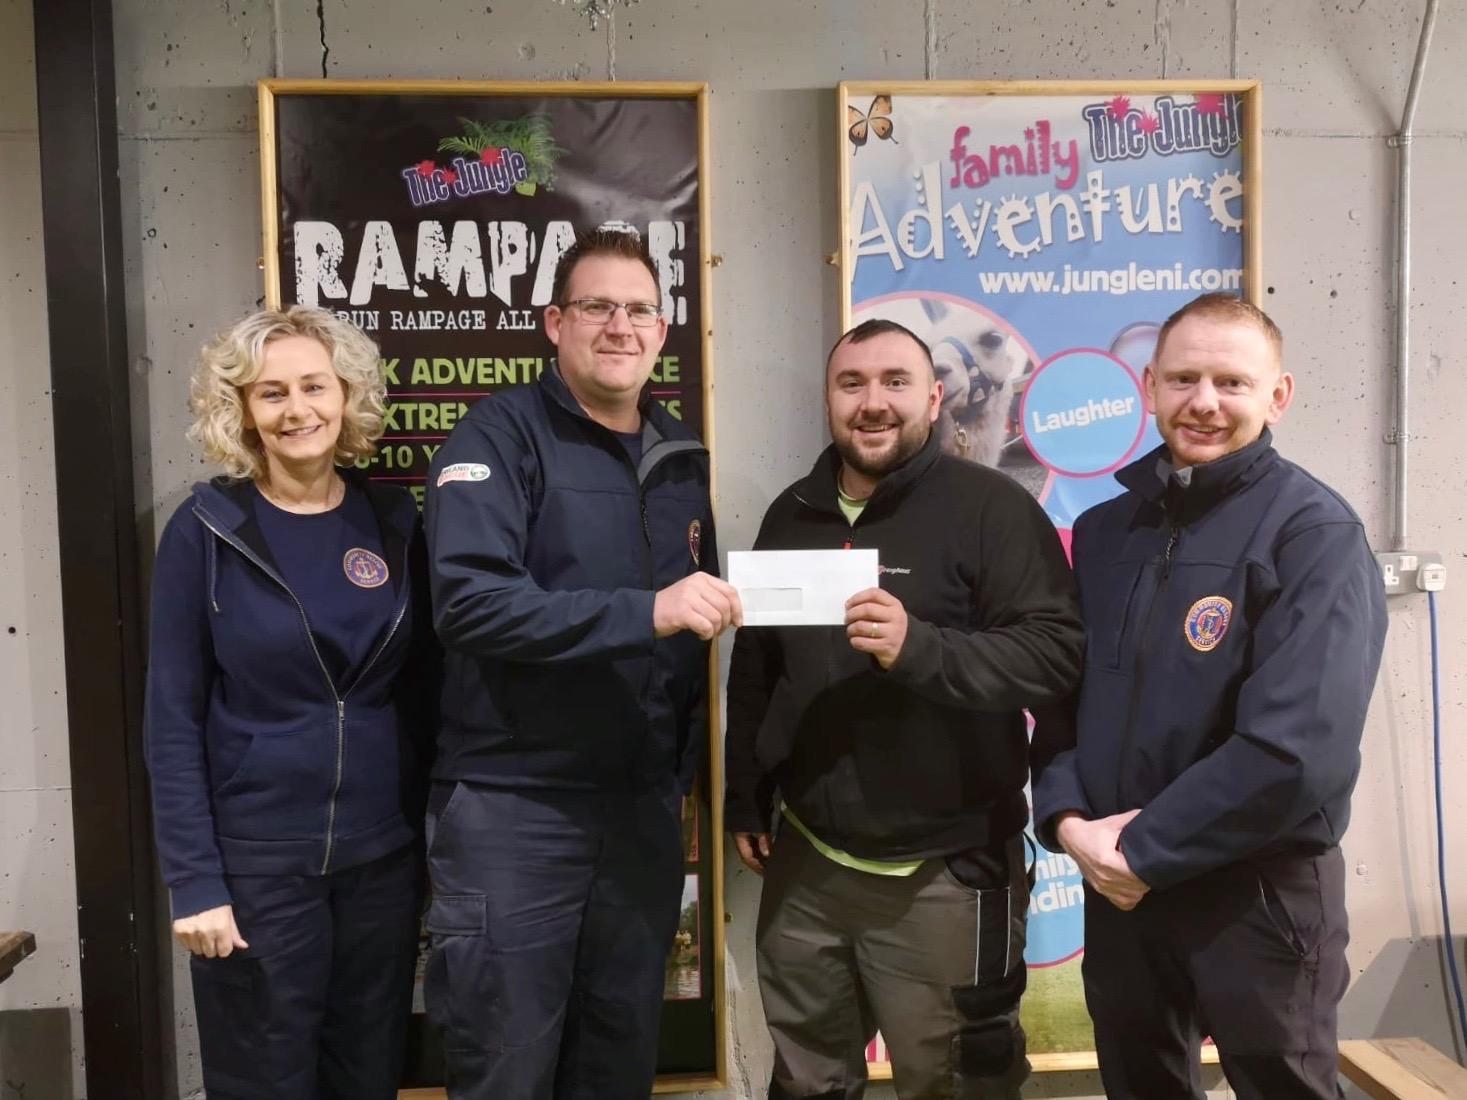 Community Rescue Service cheque handover